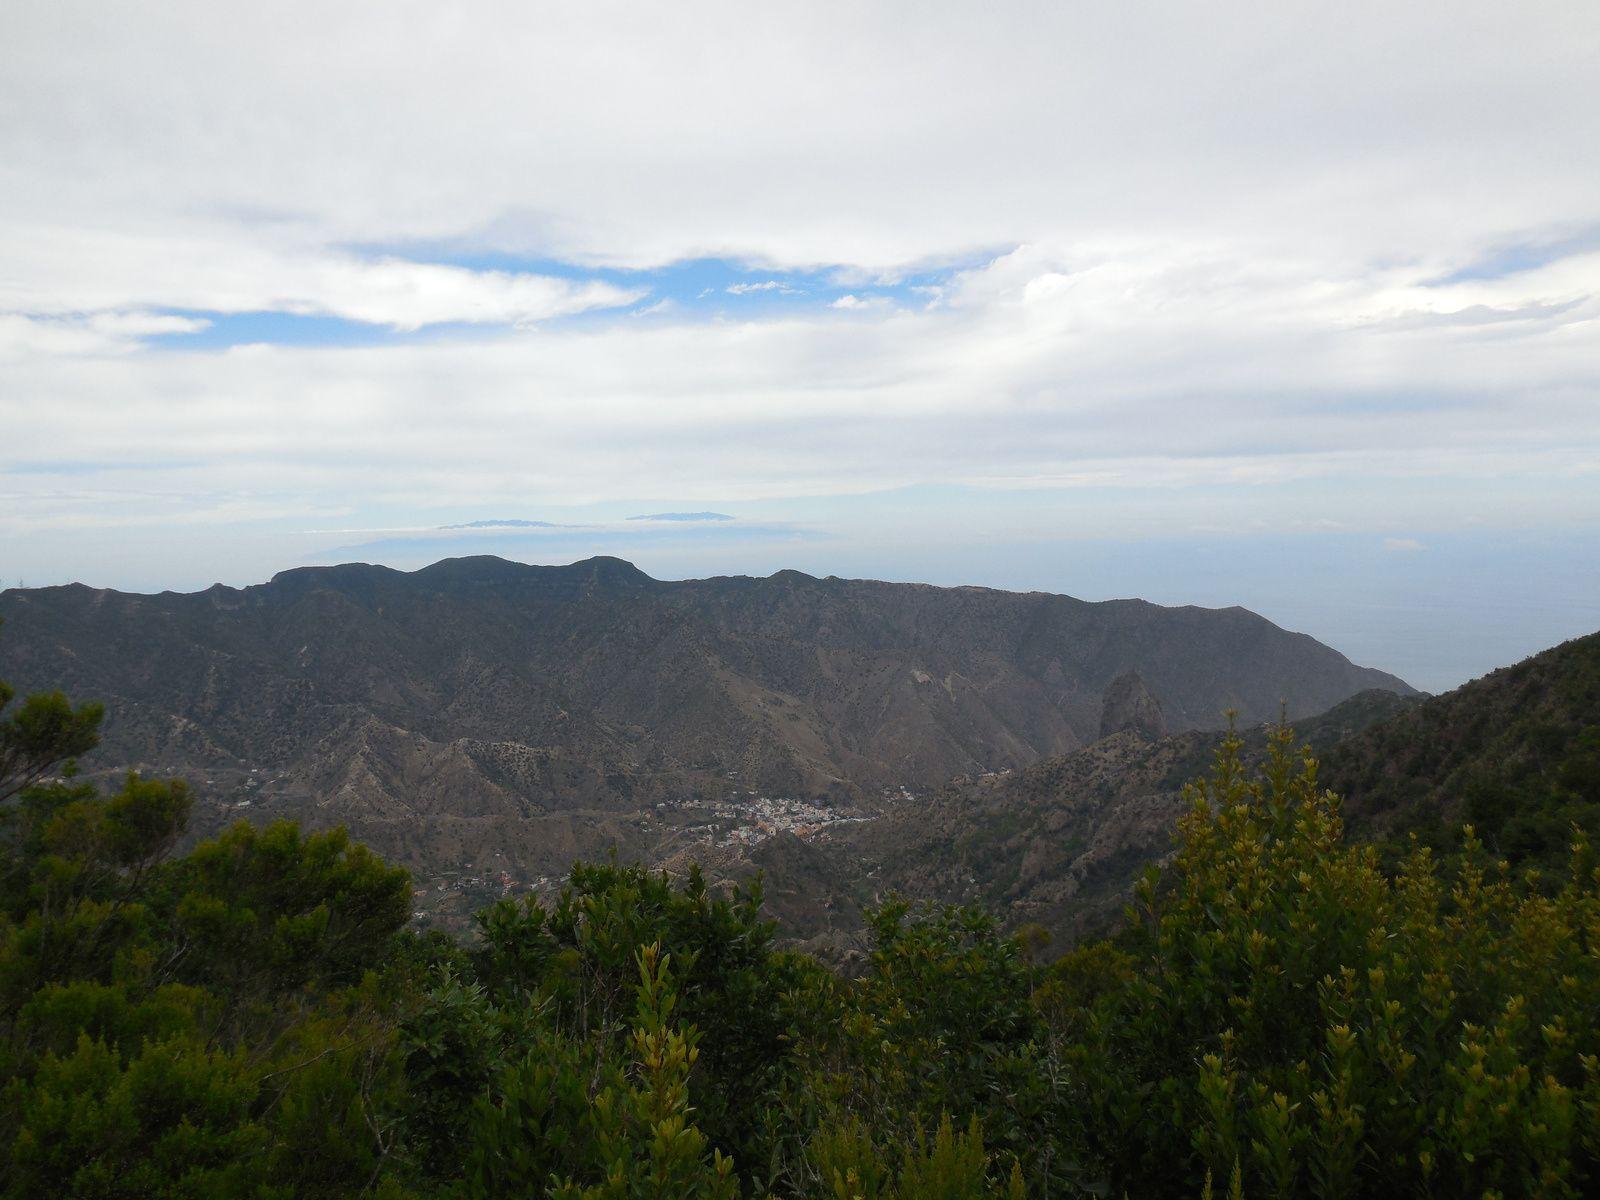 Le village de Vallehermoso, niché dans la vallée, est dominé par le Roque Cano, coeur de basalte d'un volcan. (au 1er plan, àdroite du village)